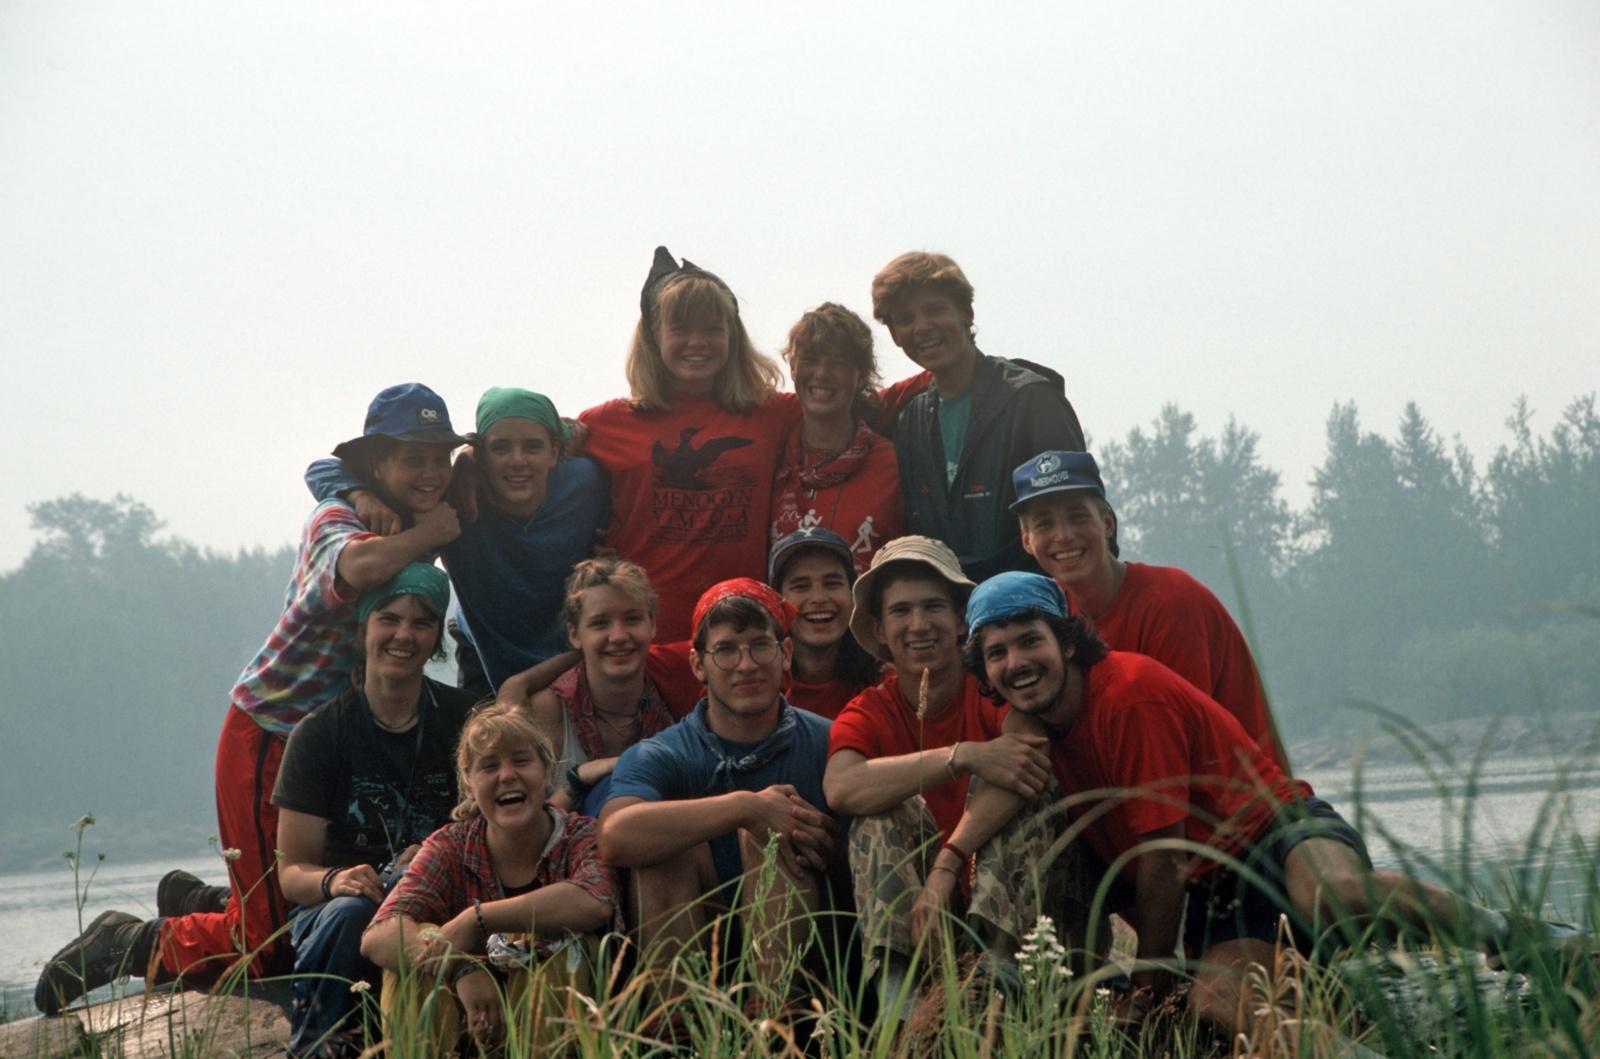 1989 Femmes and Hommes du Nord groups